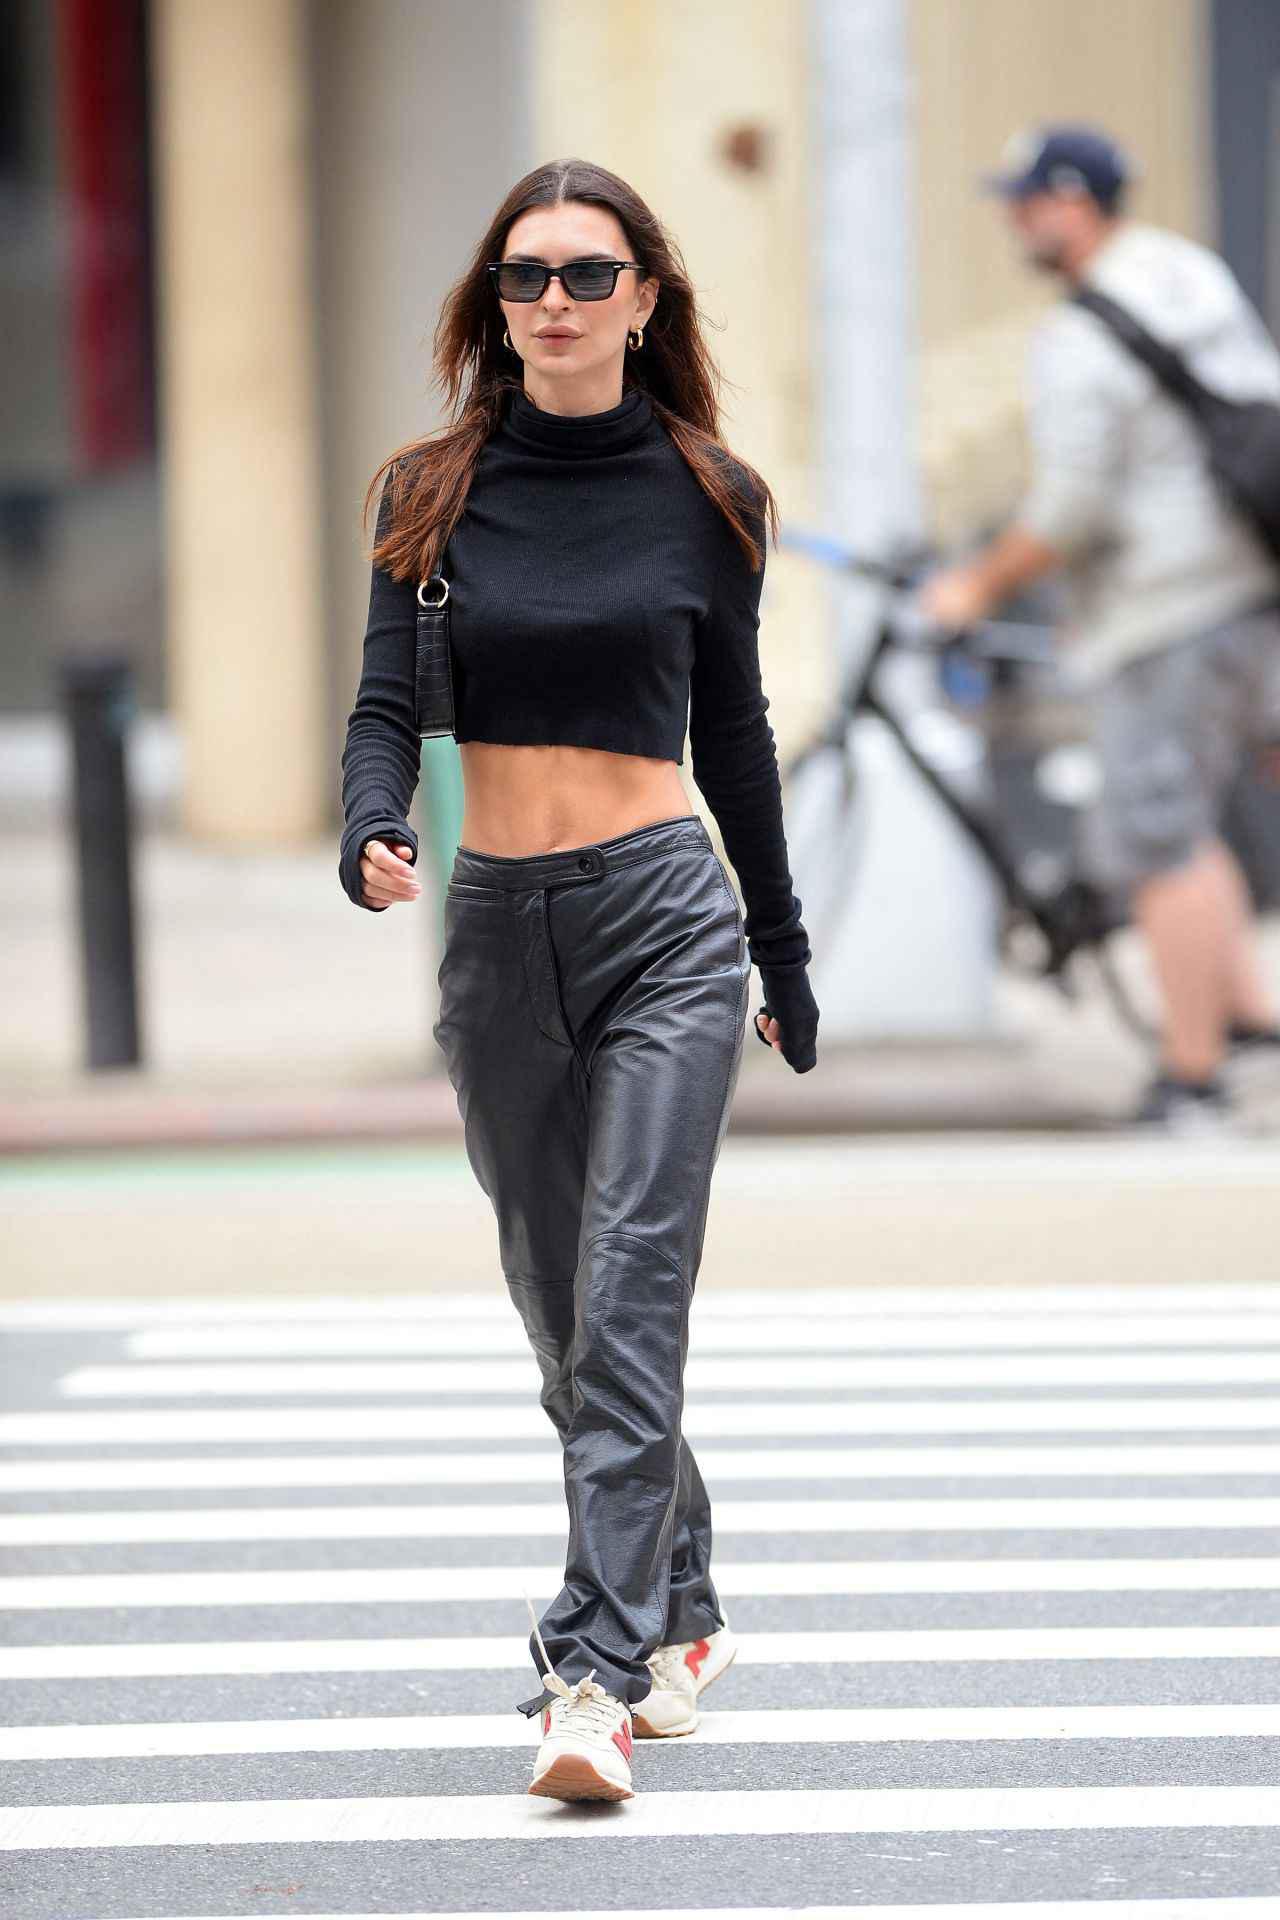 画像1: 俳優兼モデルのエミリー・ラタコウスキー